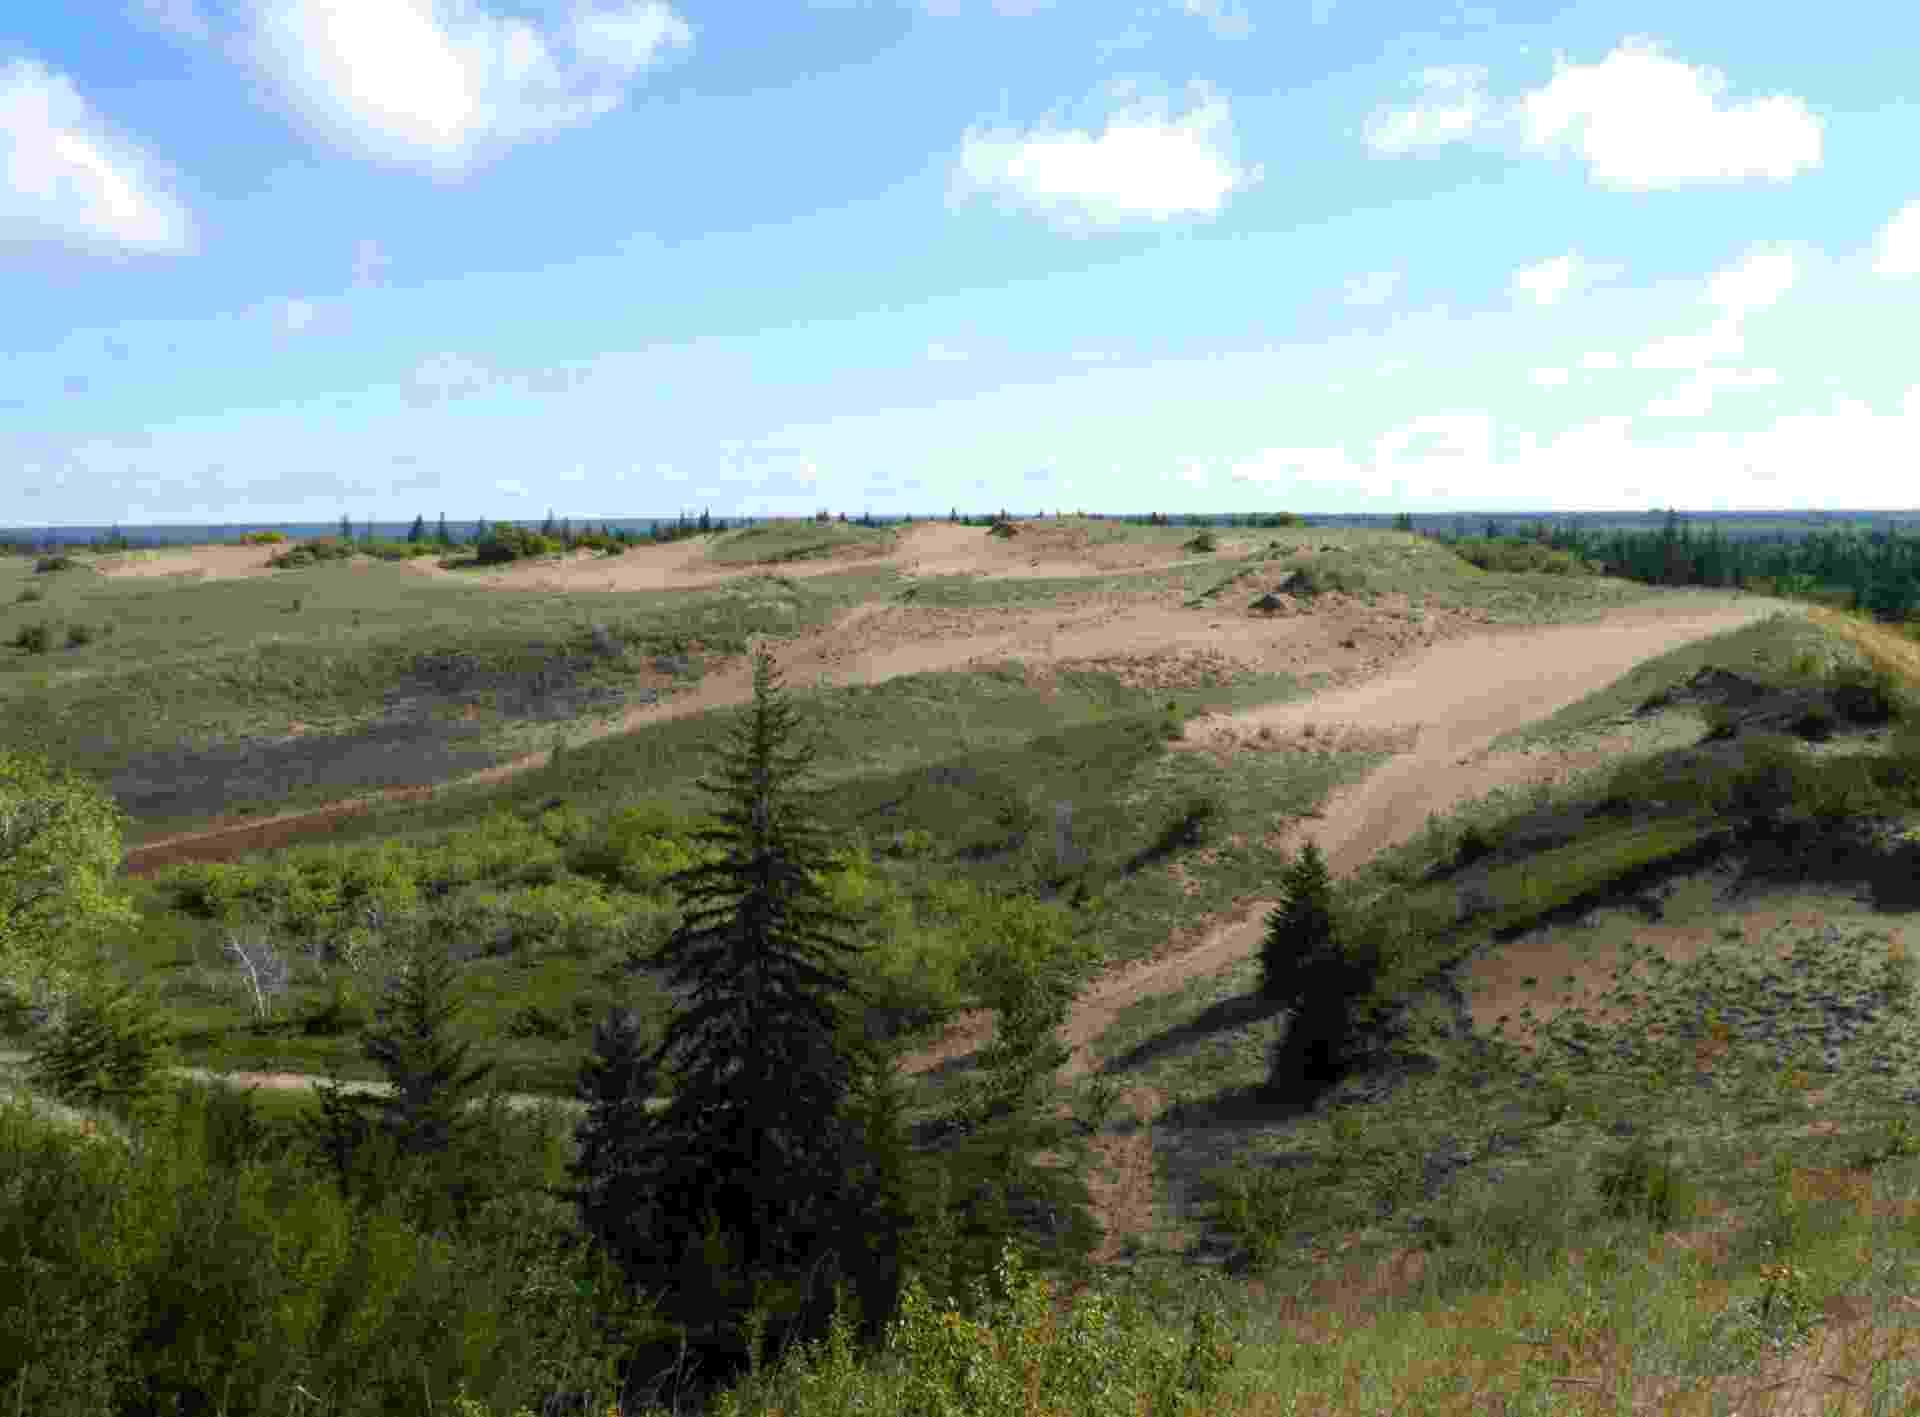 27.set.2013 - A região de Spirit Sands, um raro deserto de dunas localizado no parque da província de Spruce Woods, no Canadá, está desaparecendo gradualmente com o avanço da vegetação. As dunas, que são os últimos vestígios não vegetais que restam do delta do rio Assiniboine, se formou há 12 mil anos depois que uma geleira que cobria a área ter derretido - Thibault Jourdan/AFP